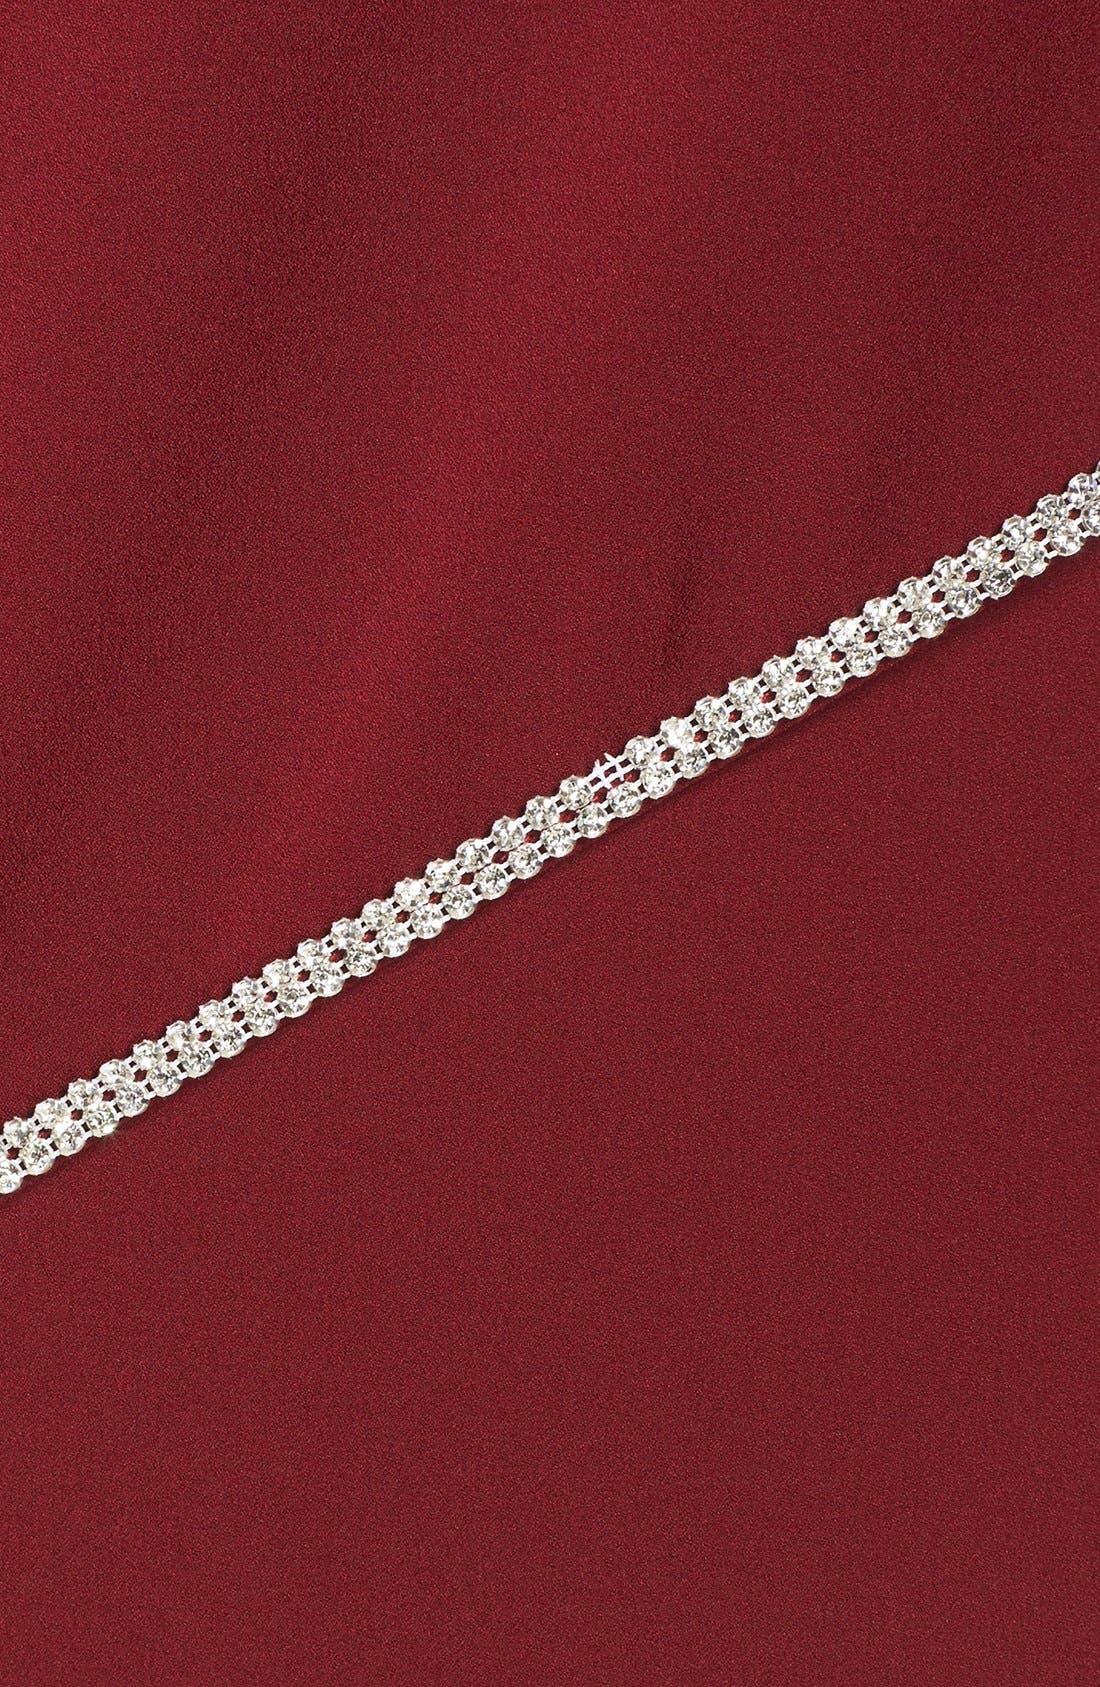 Embellished Overlay Sleeveless Crepe Column Gown,                             Alternate thumbnail 6, color,                             Merlot